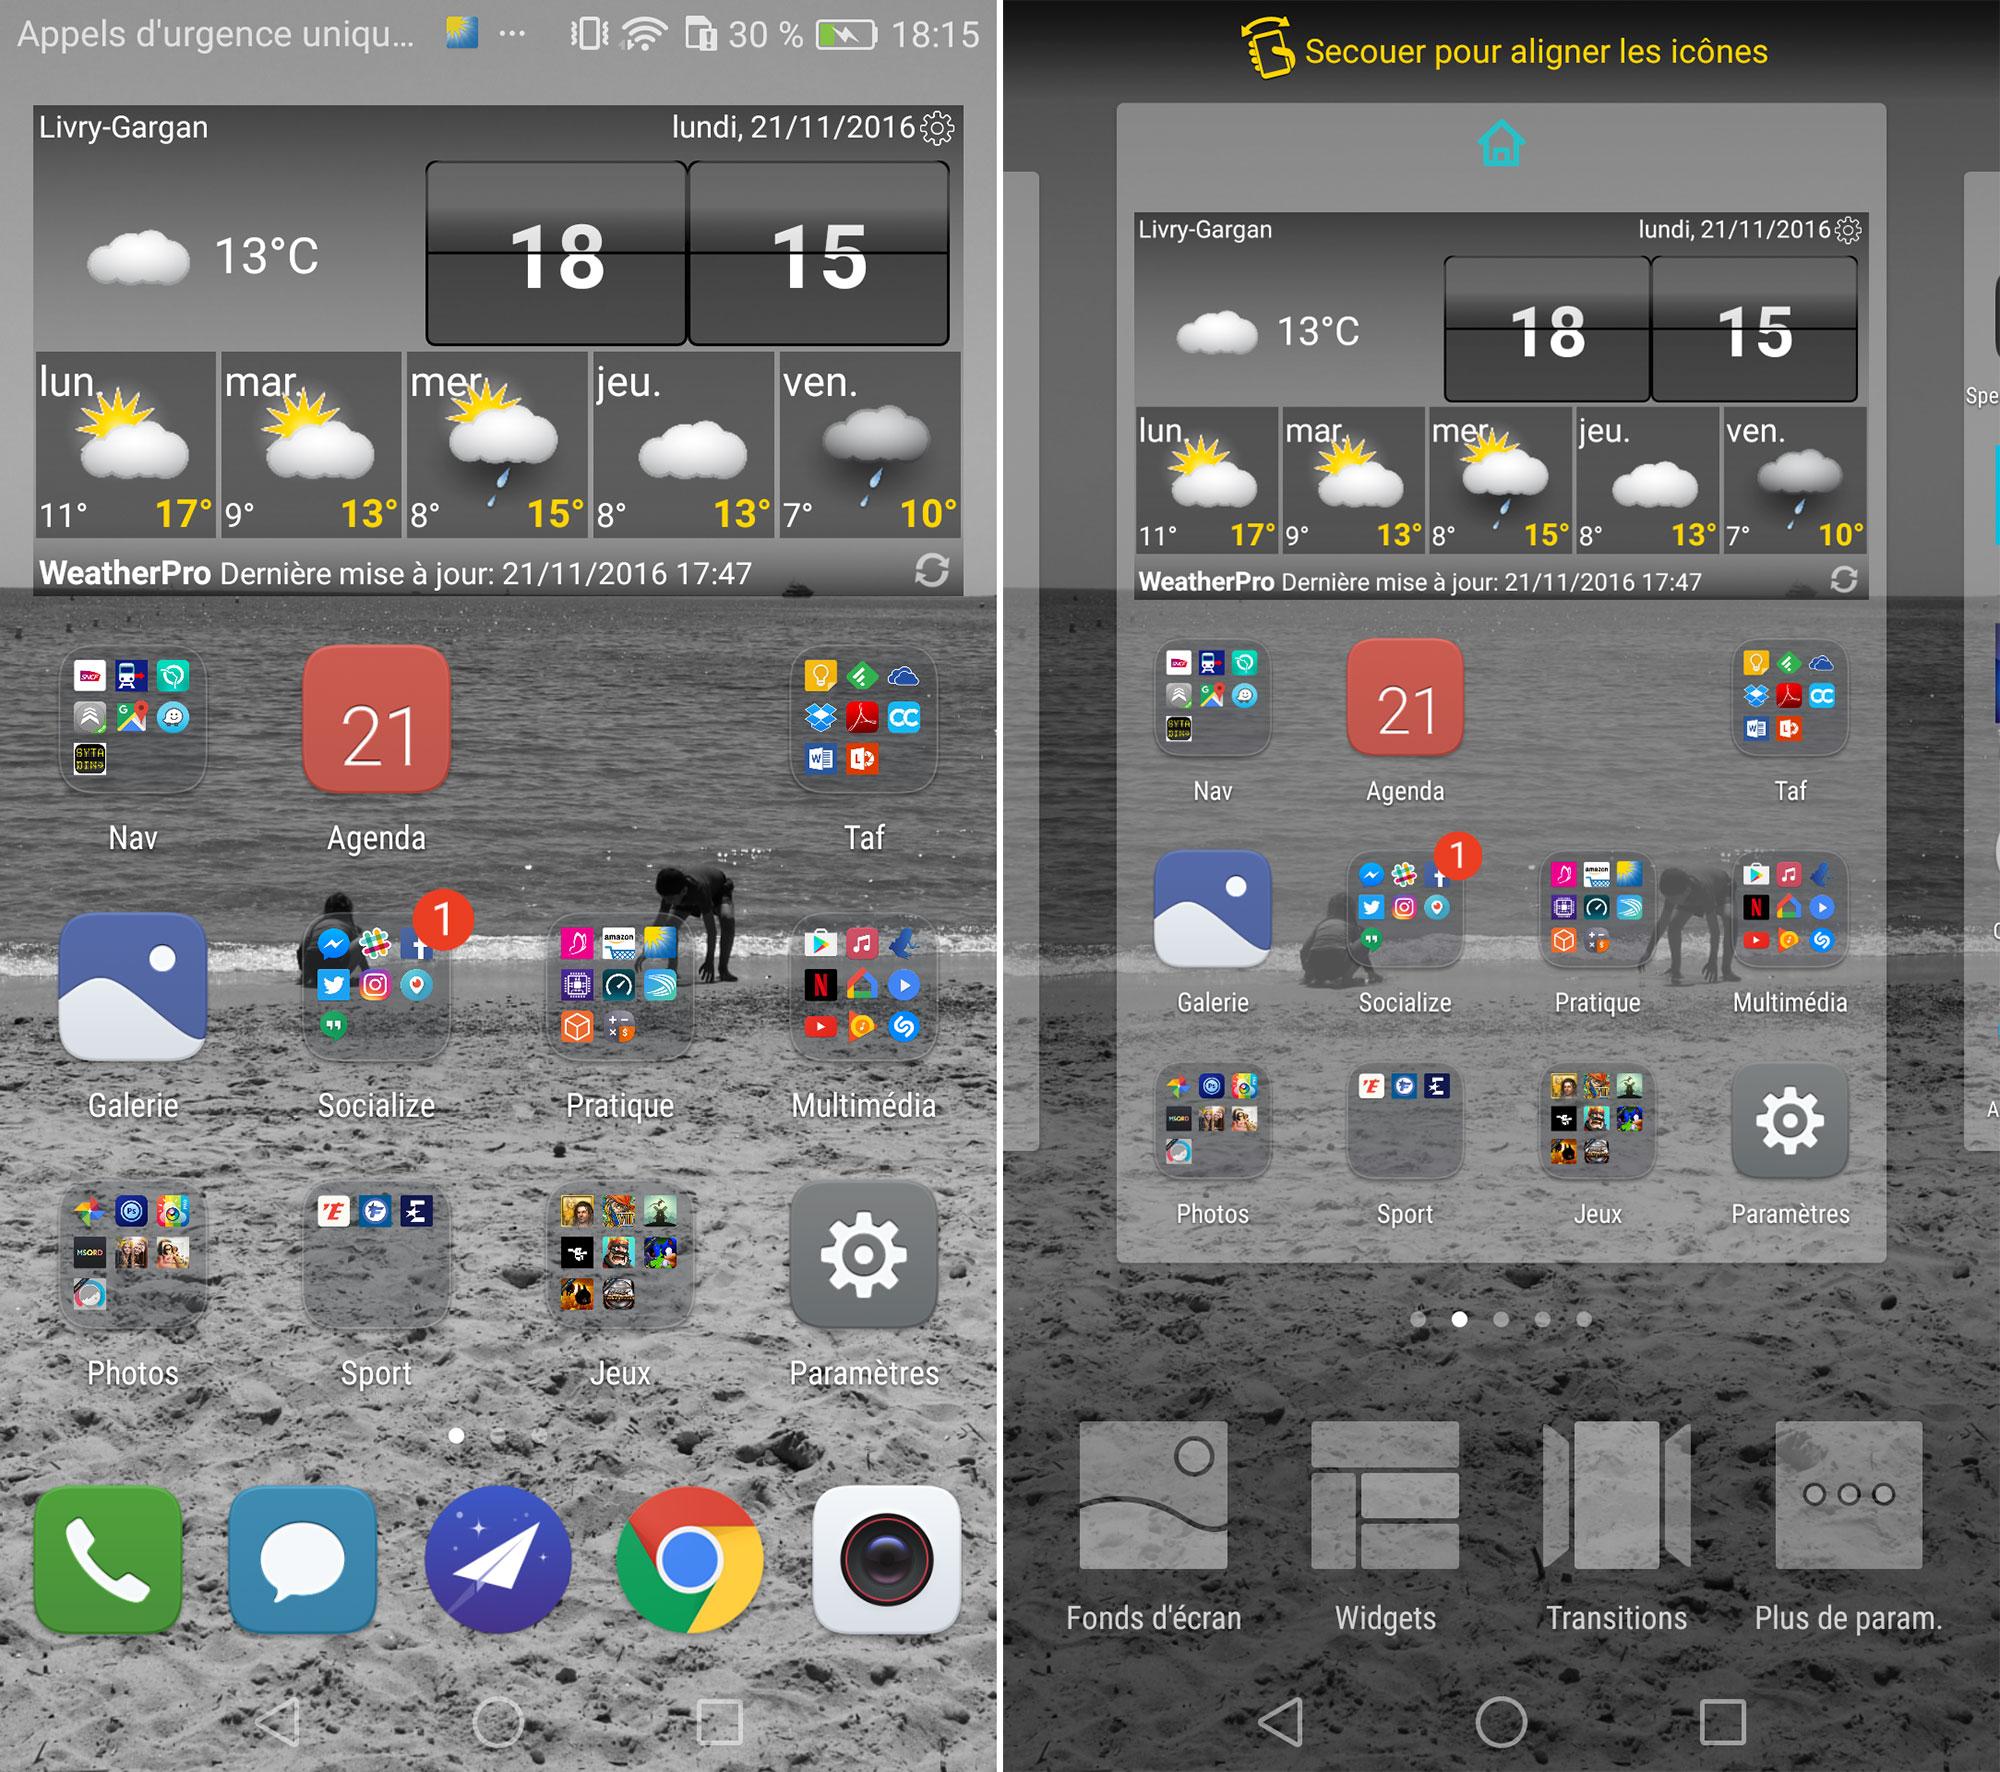 Interface utilisateur Huawei P9